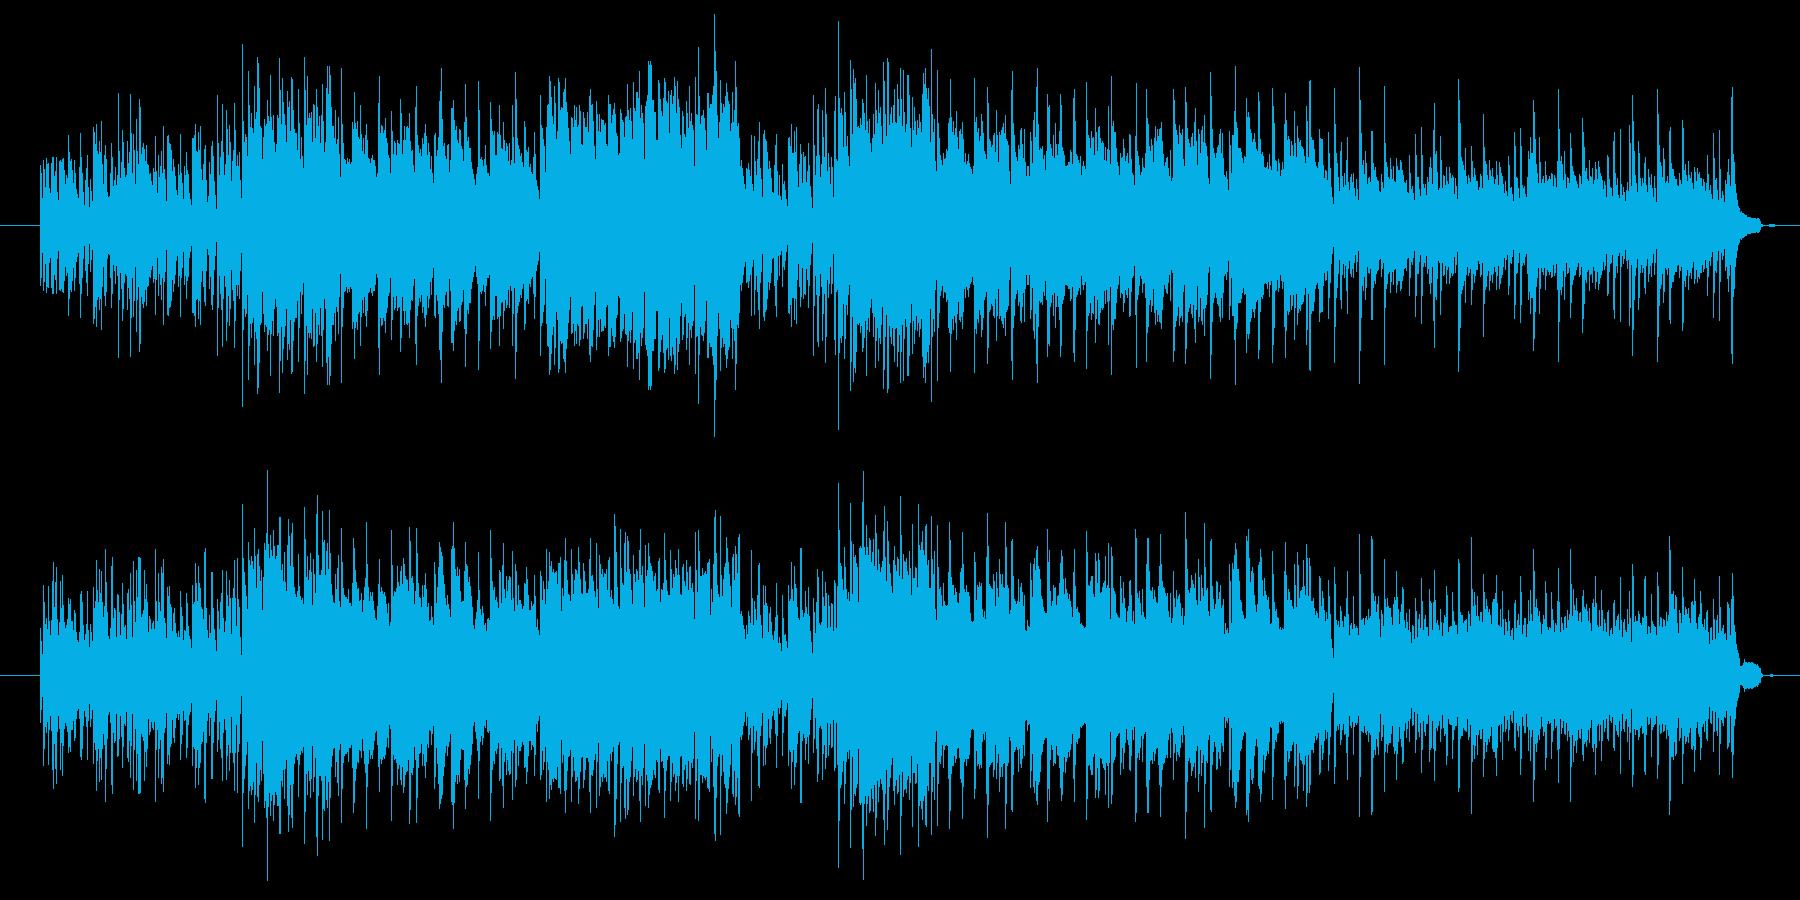 軽やかで明るいピアノ音楽の再生済みの波形